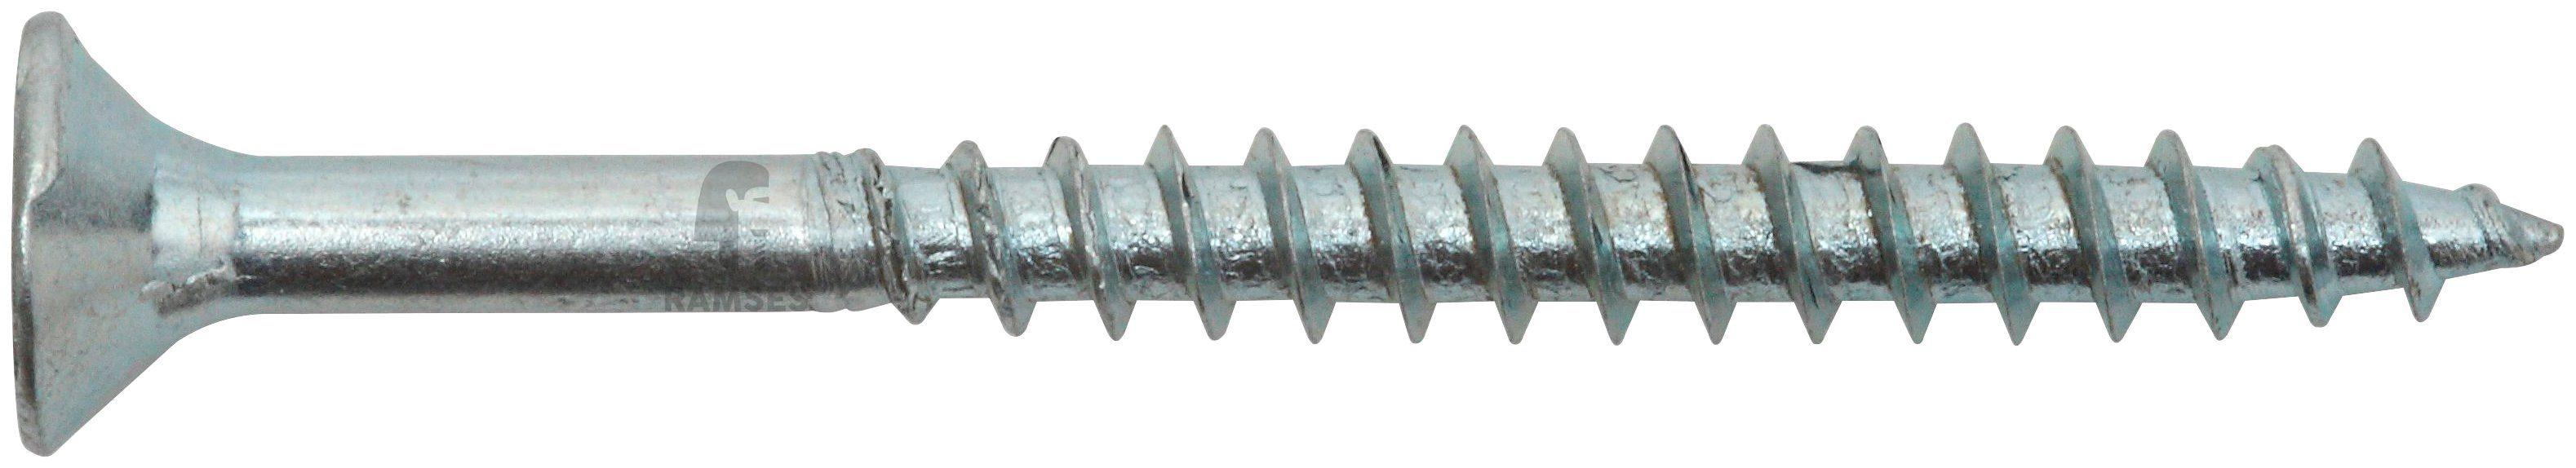 RAMSES Schrauben , Spanplattenschraube 5 x 90 mm PZ2 100 Stk.